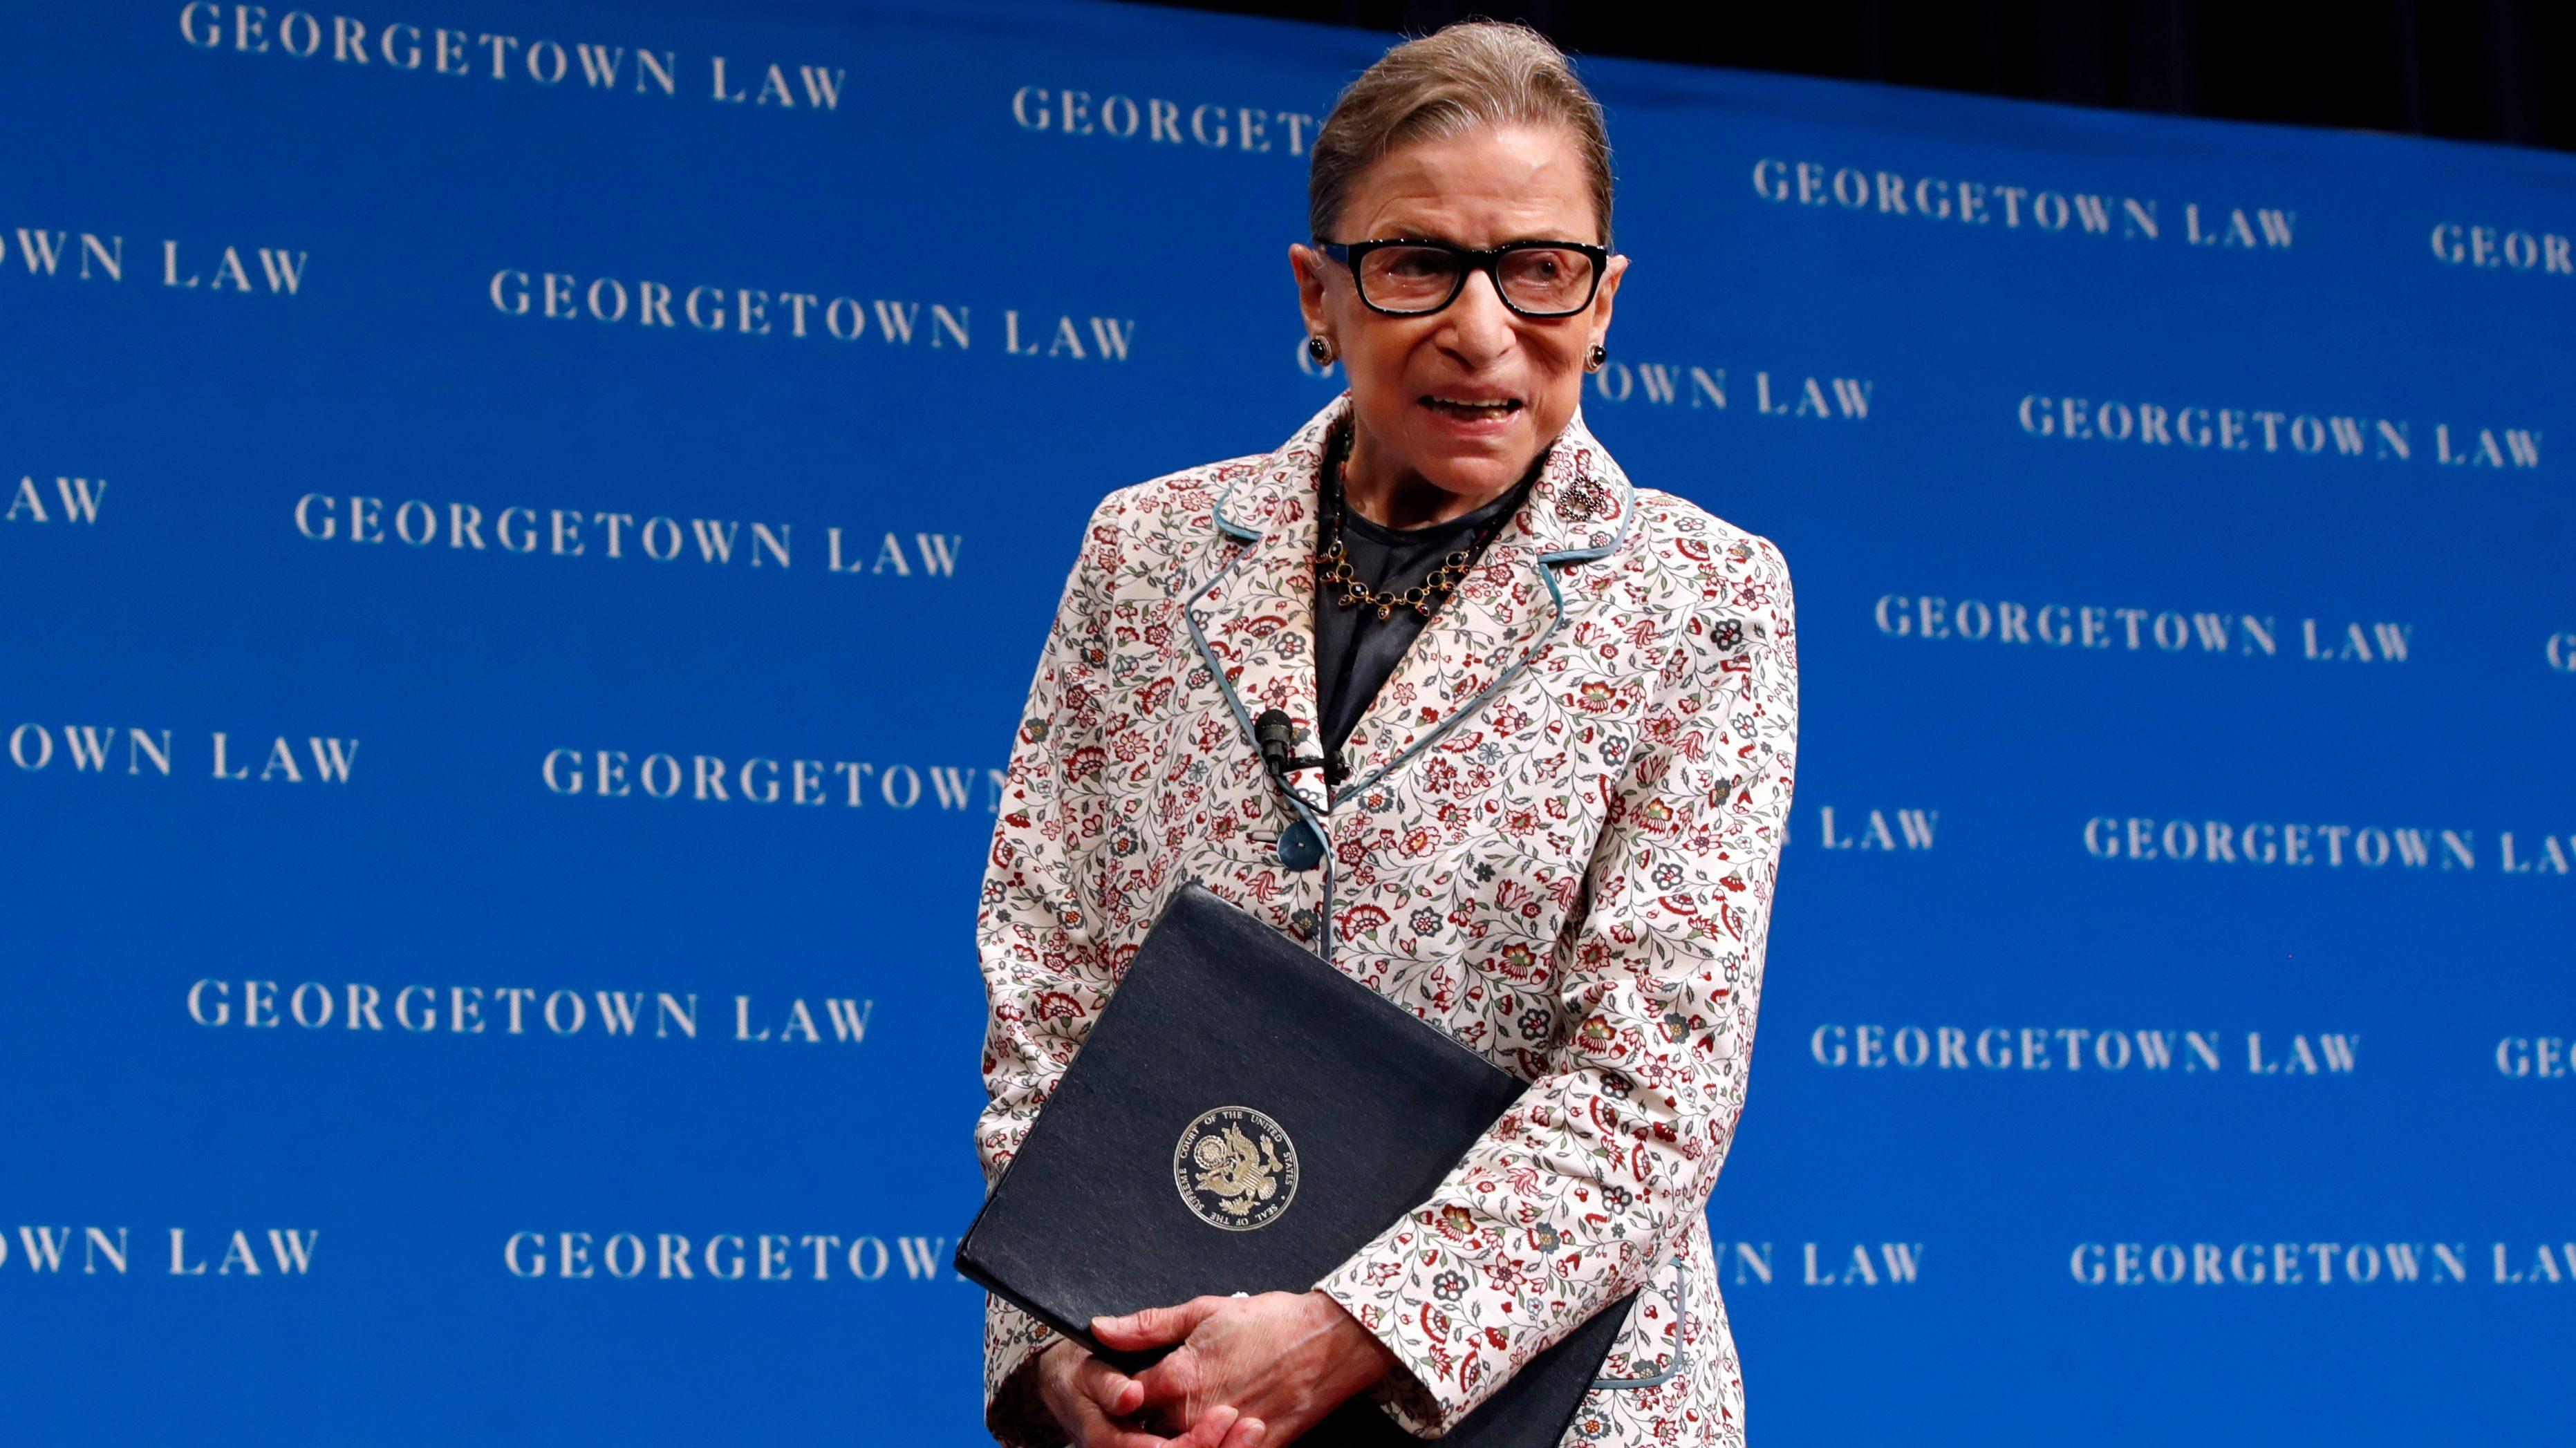 Ruth Bader Ginsburg walking